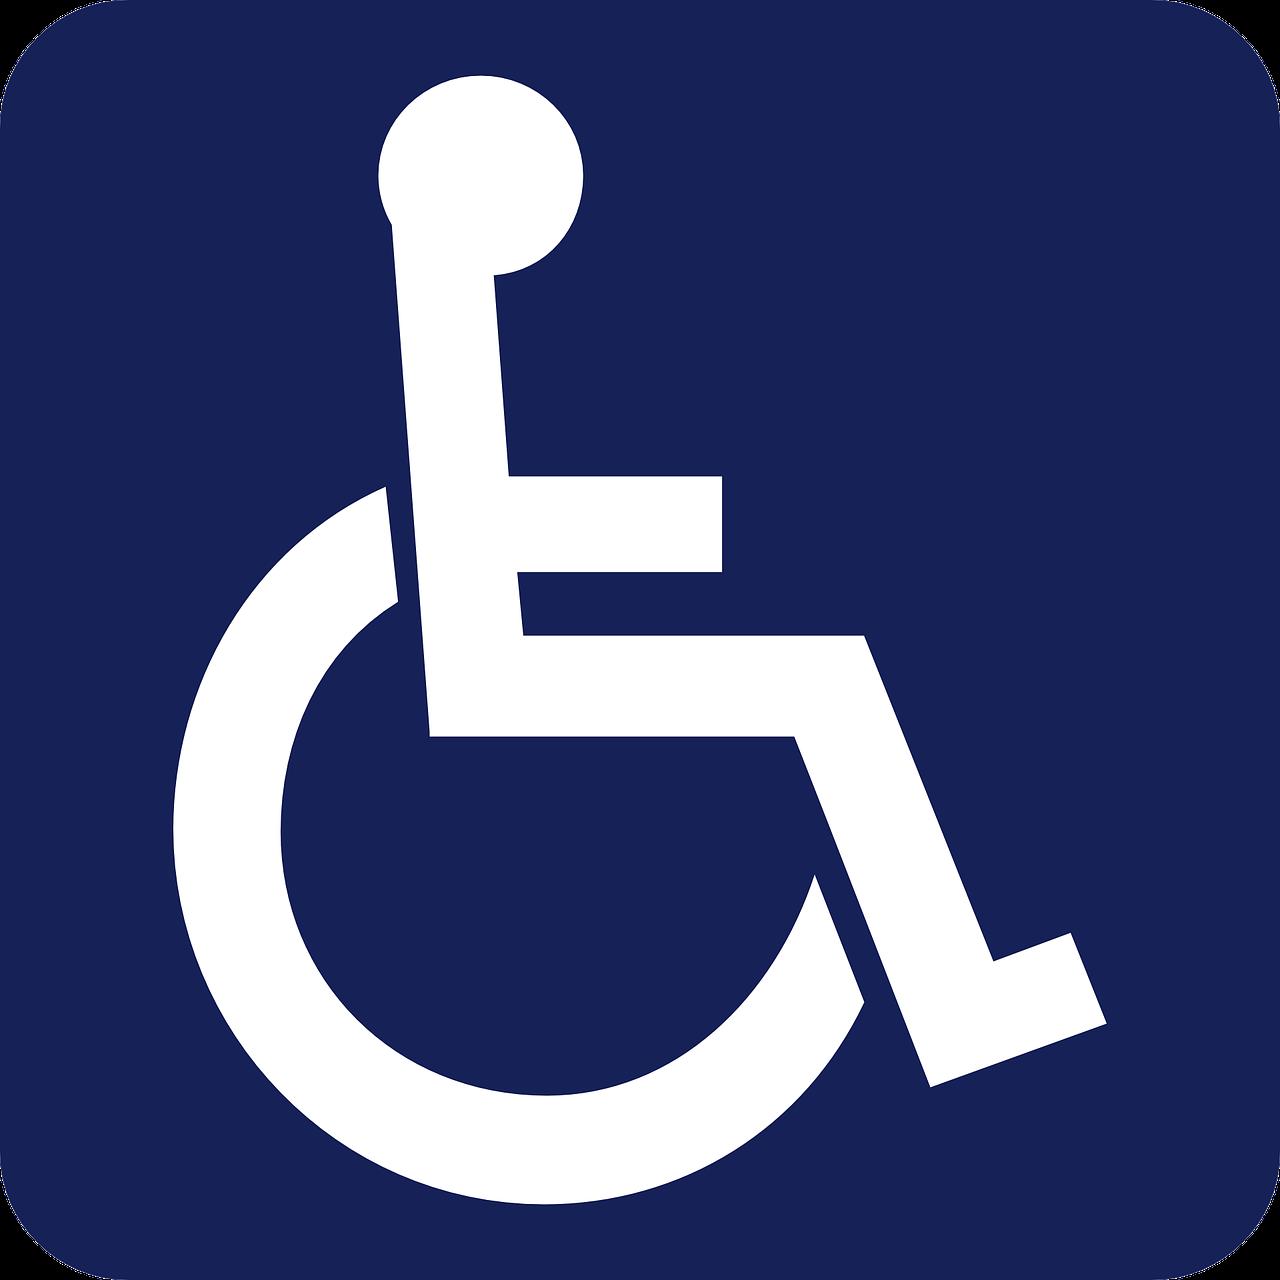 Koningzorg instelling gehandicaptenzorg verstandelijk gehandicapten beoordeling